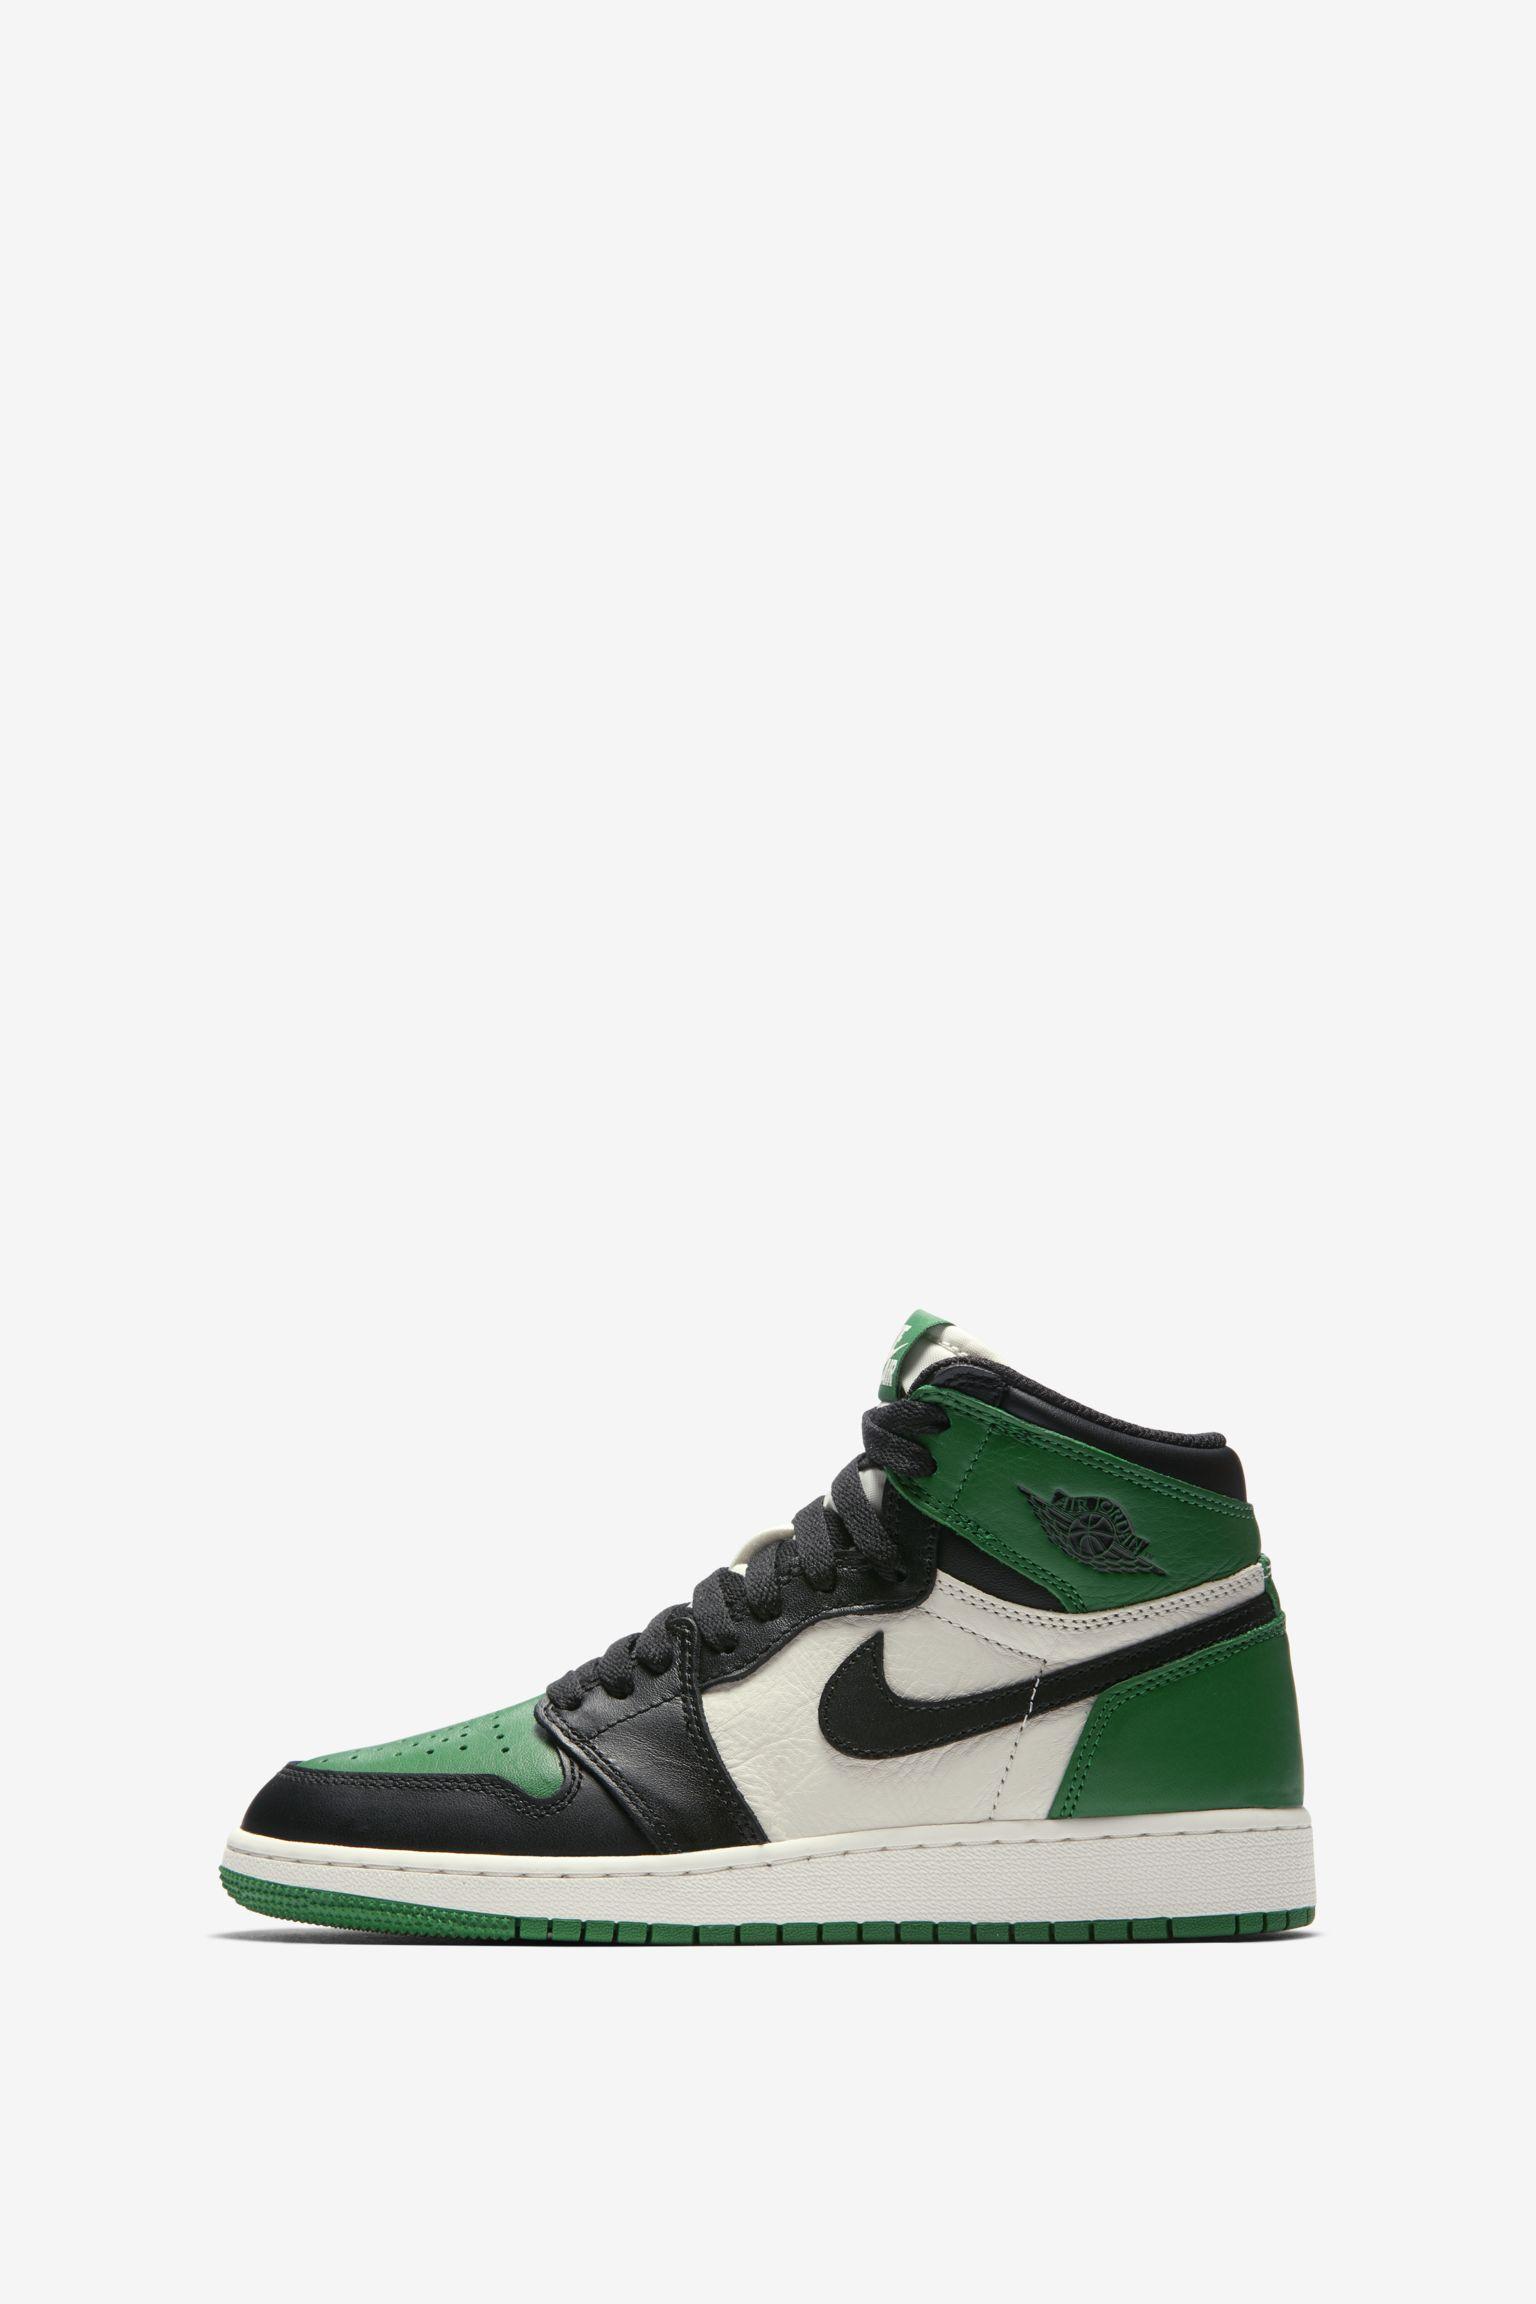 Air Jordan 1 Retro 'Pine Green' Release Date